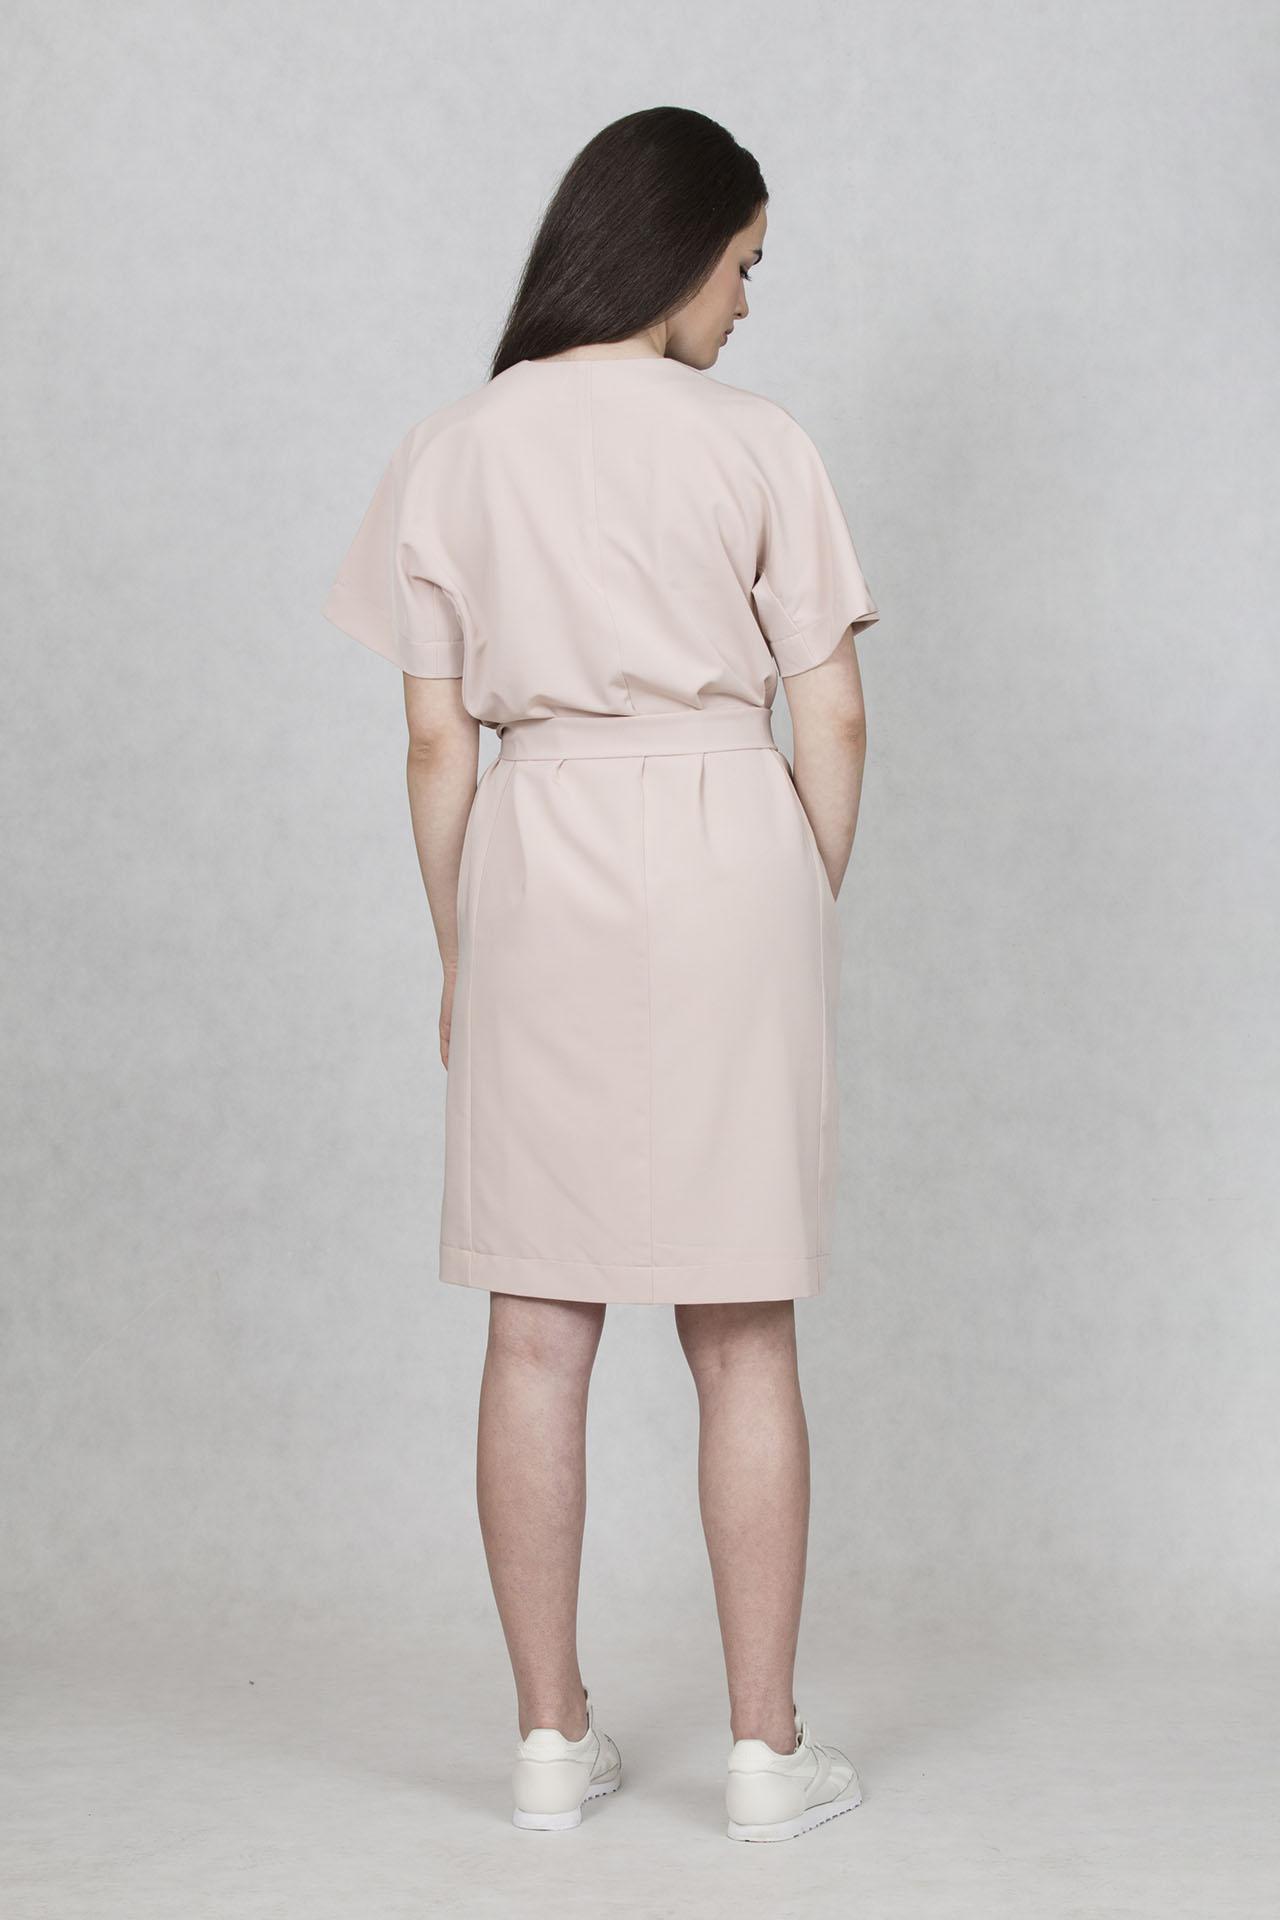 41ef7eb96b65 Společenské šaty růžové barvě Oneday s decentním V výstřihem